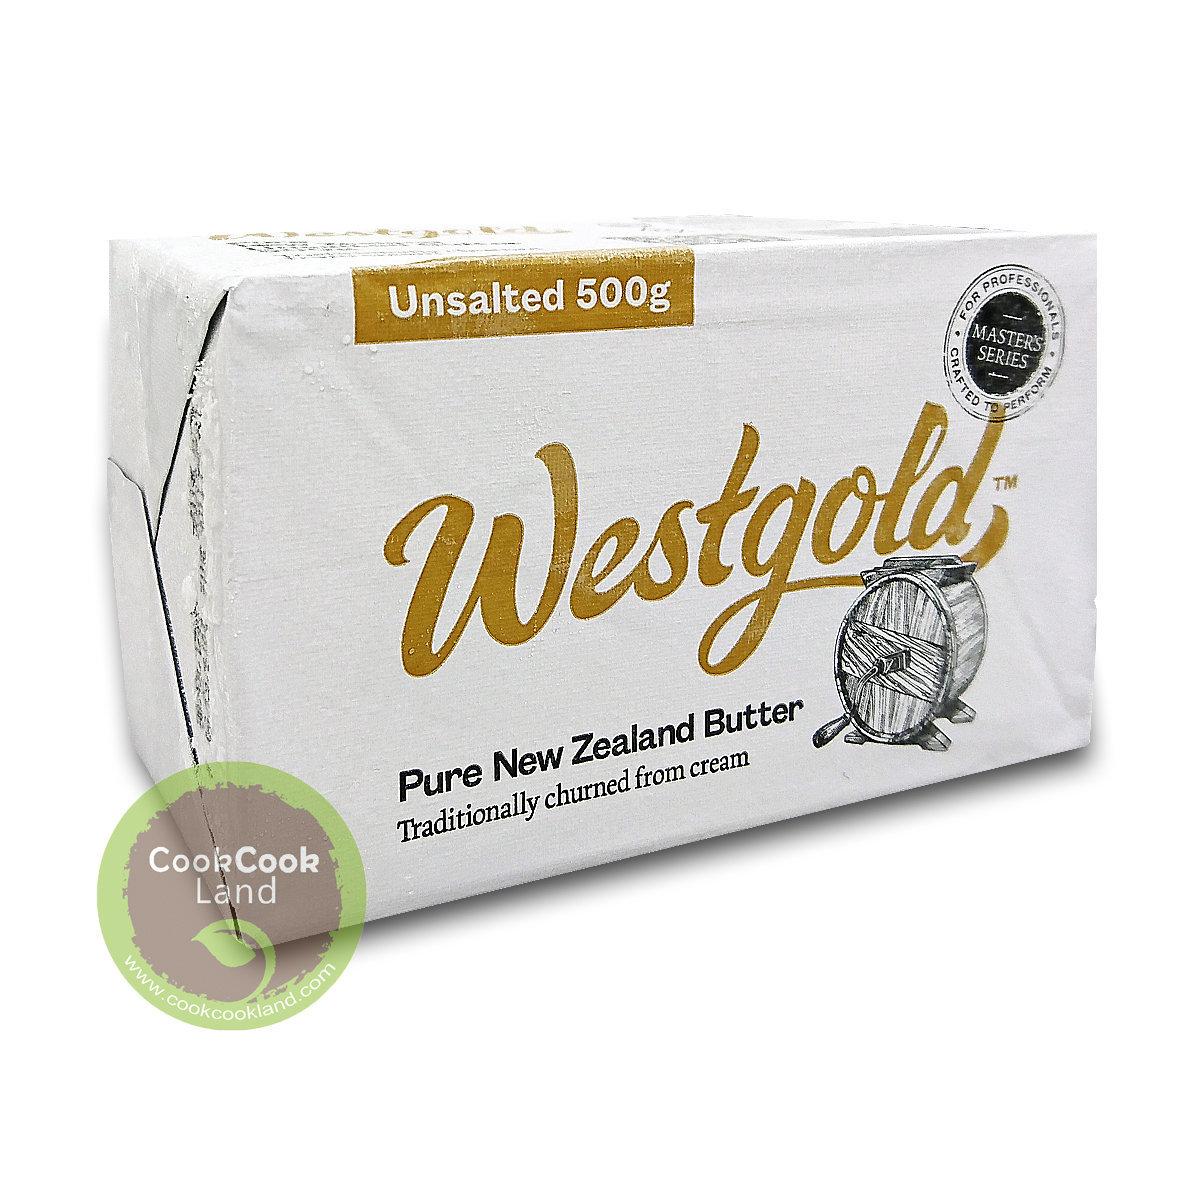 New Zealand Butter (Unsalted)